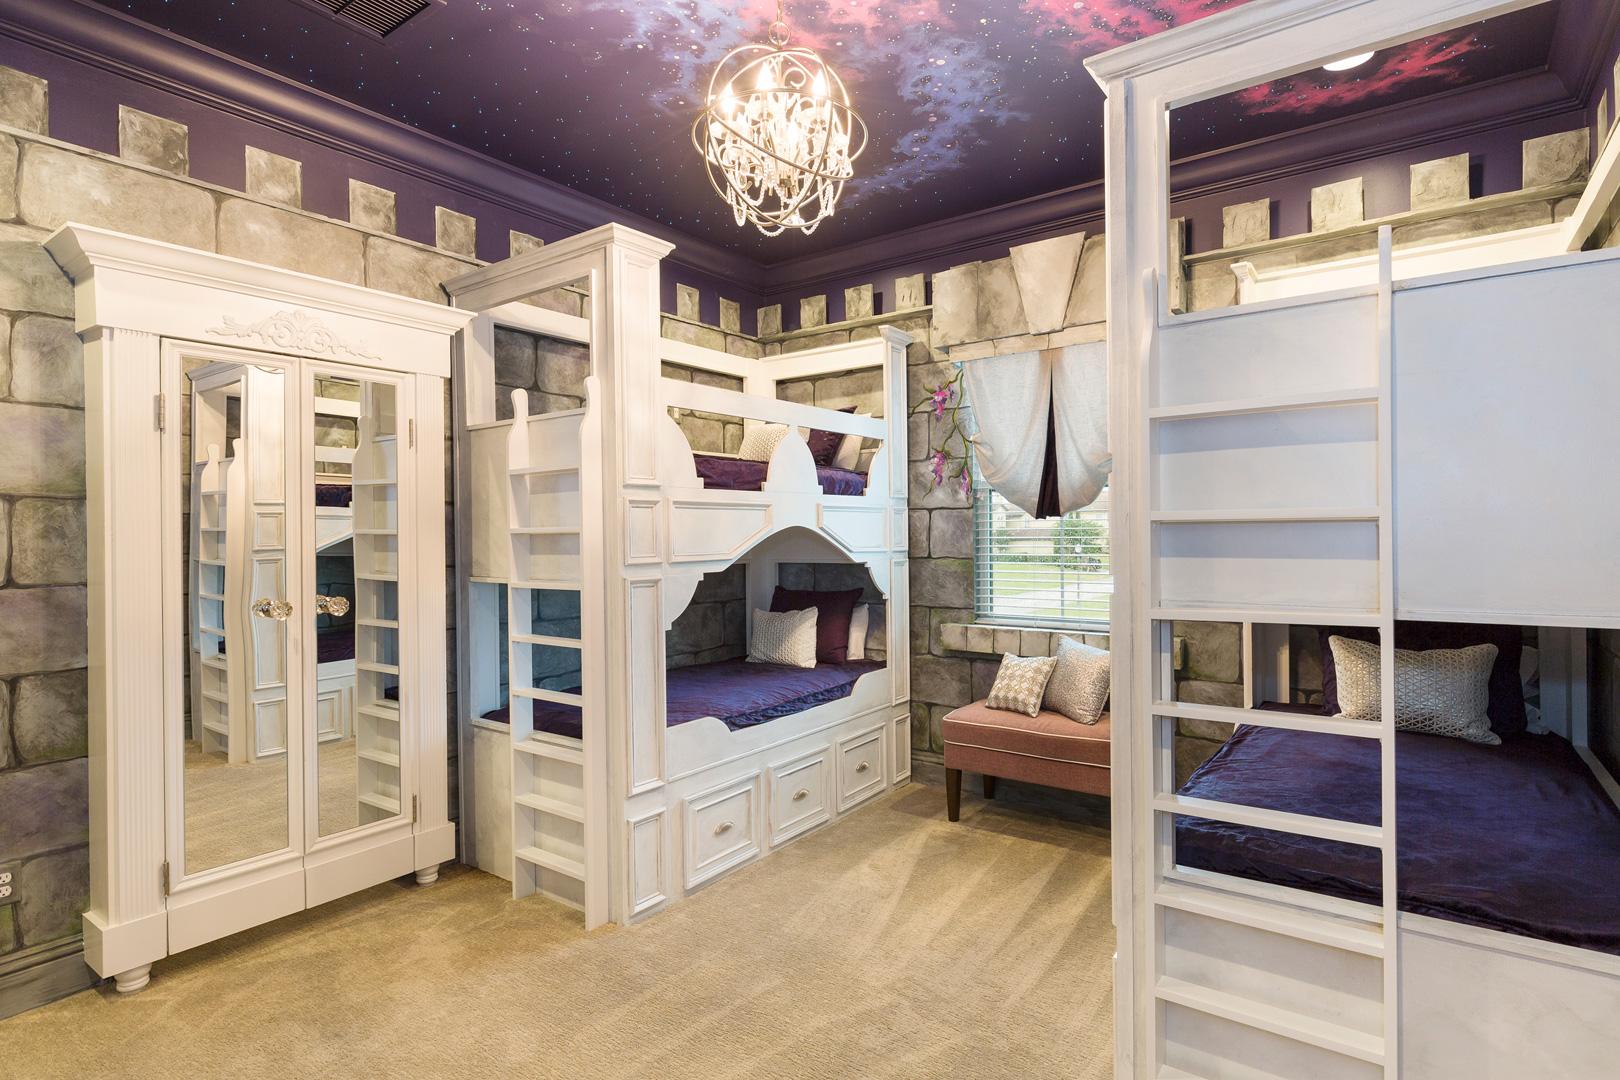 Bedrooms66